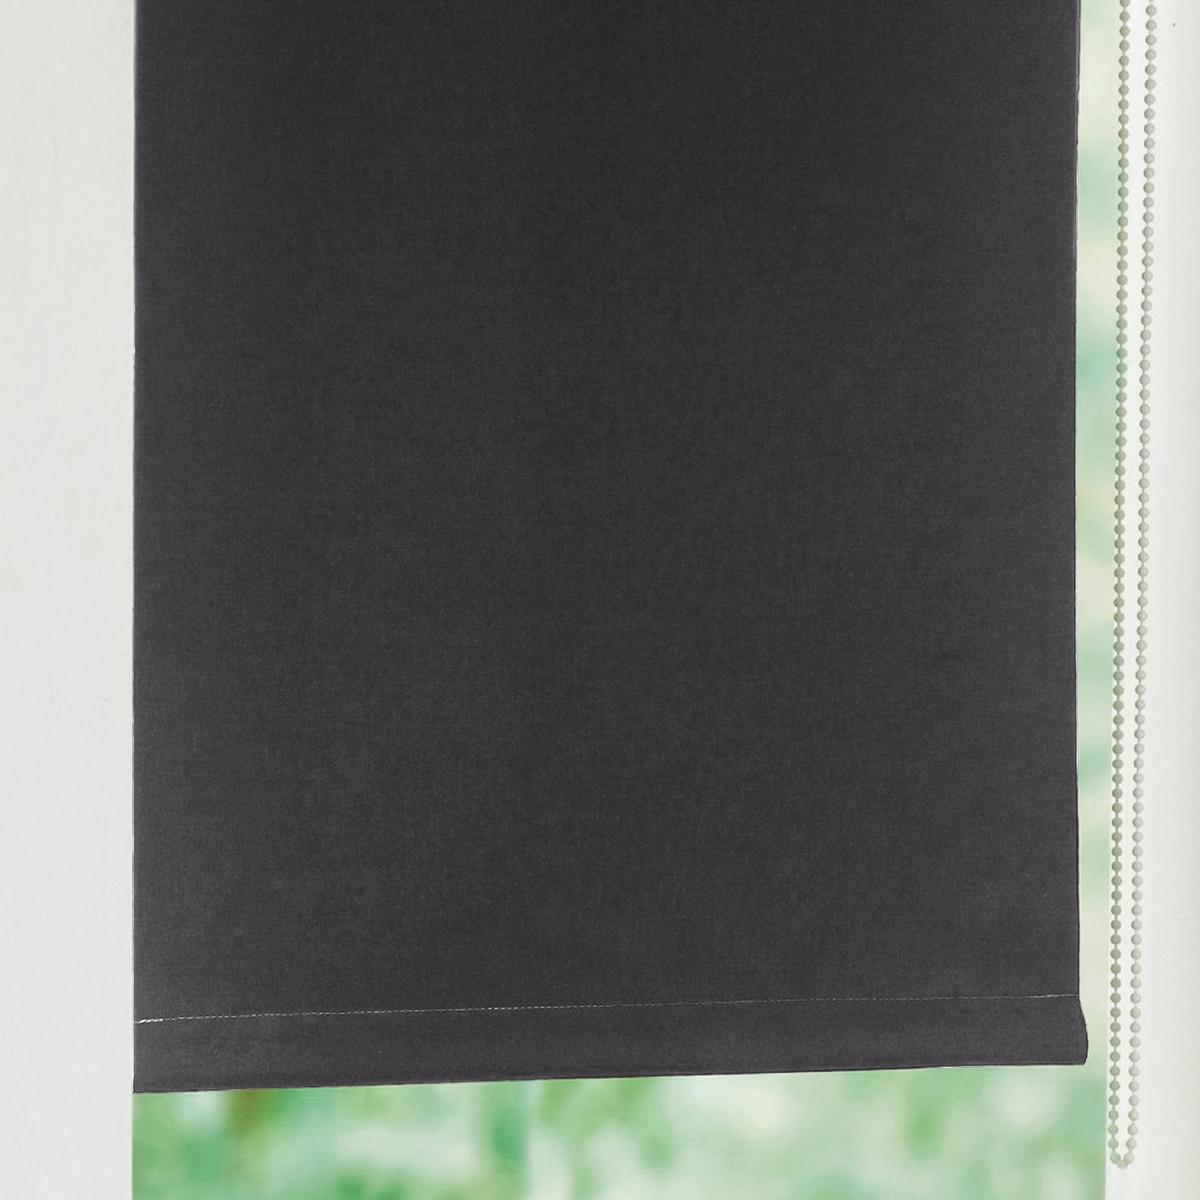 Штора LaRedoute Затемняющая узкая Scenario 170 x 42 см черный